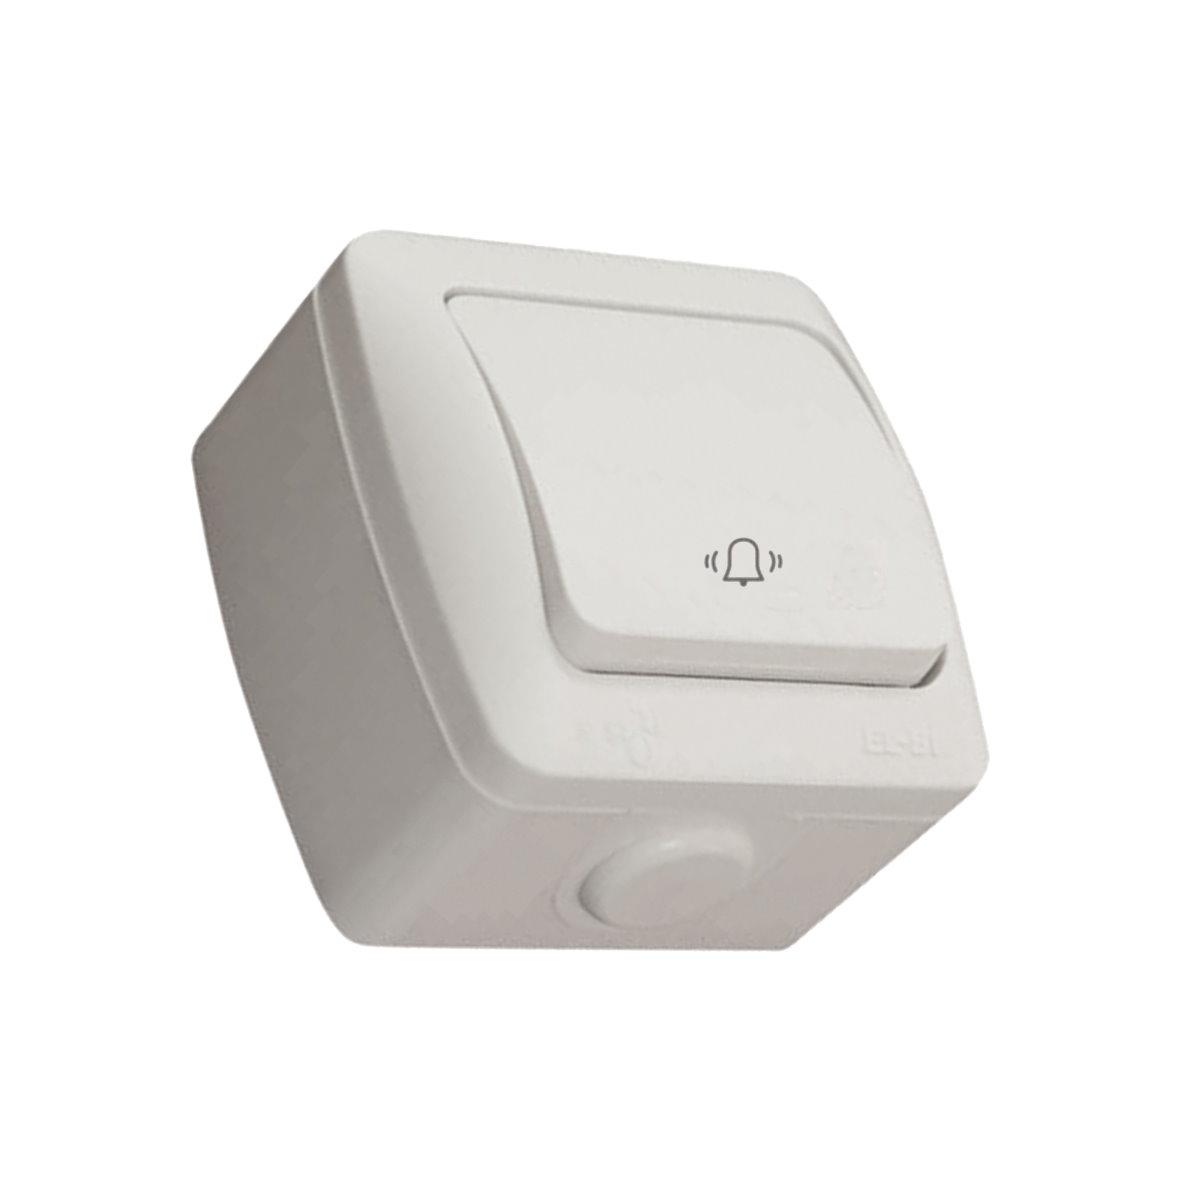 EL-BI-Eva-Schalterprogramm-Aufputz-Feuchtraum-Schalter-Aufbau-Aussen-Dose-IP54